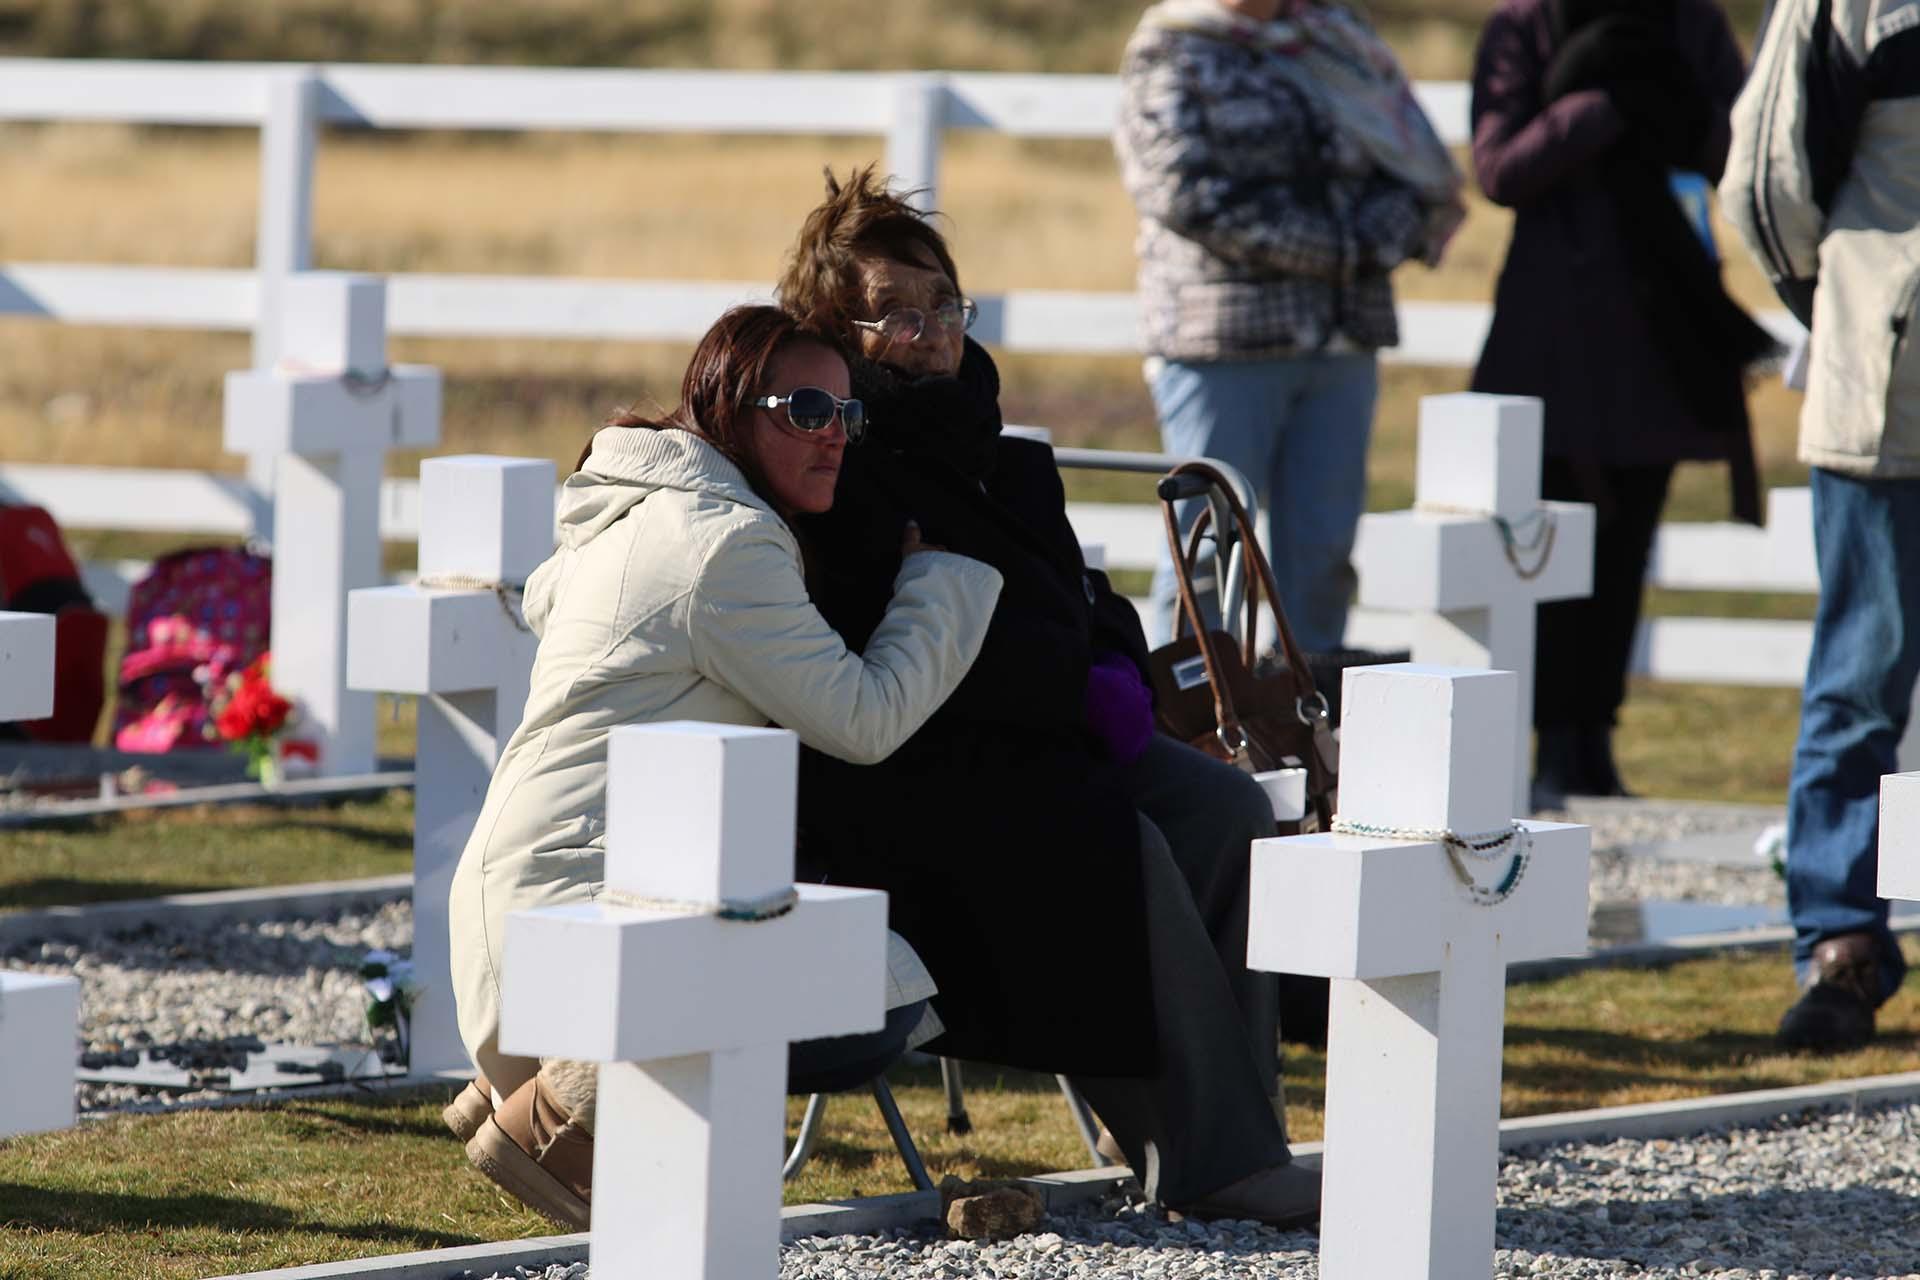 La mamá del soldado Manuel Zelarrayán -que viajó junto a su nieta- hace una oración por su hijo muerto el 8 de junio en Wireless Ridge